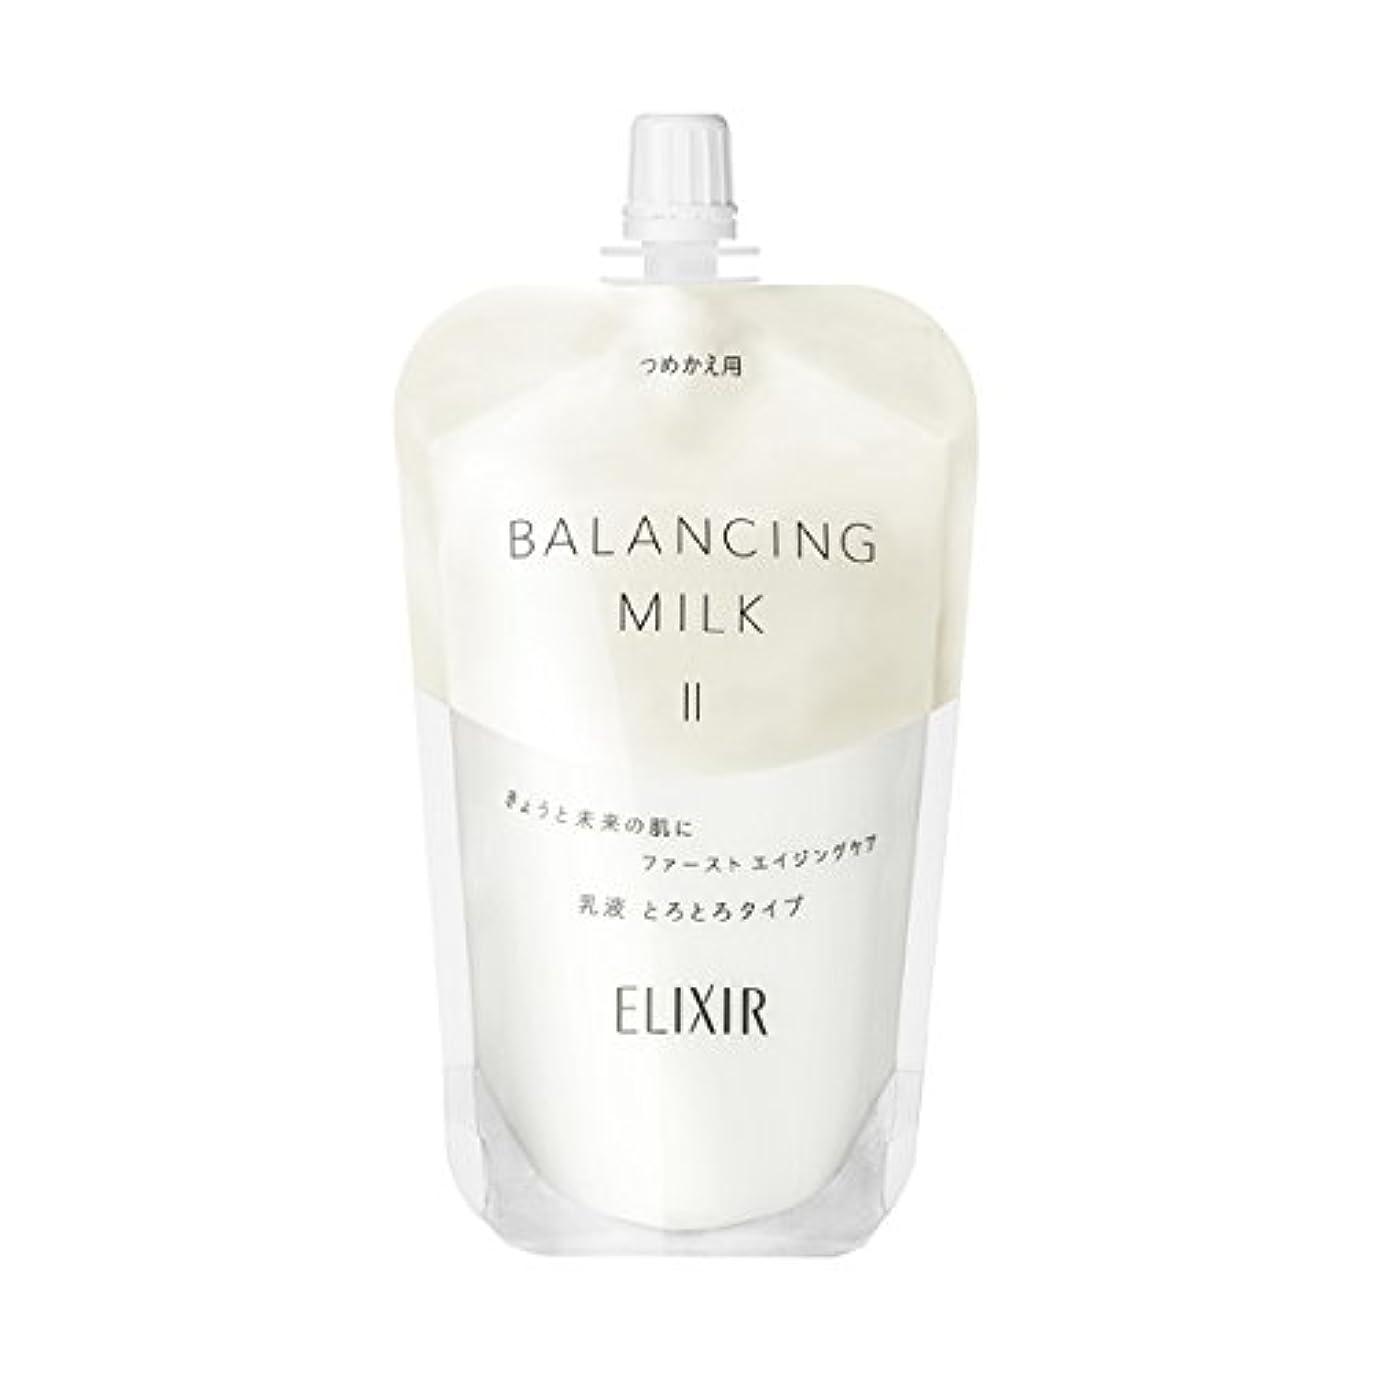 専門ナンセンス聖域エリクシール ルフレ バランシング ミルク 乳液 2 (とろとろタイプ) (つめかえ用) 110mL